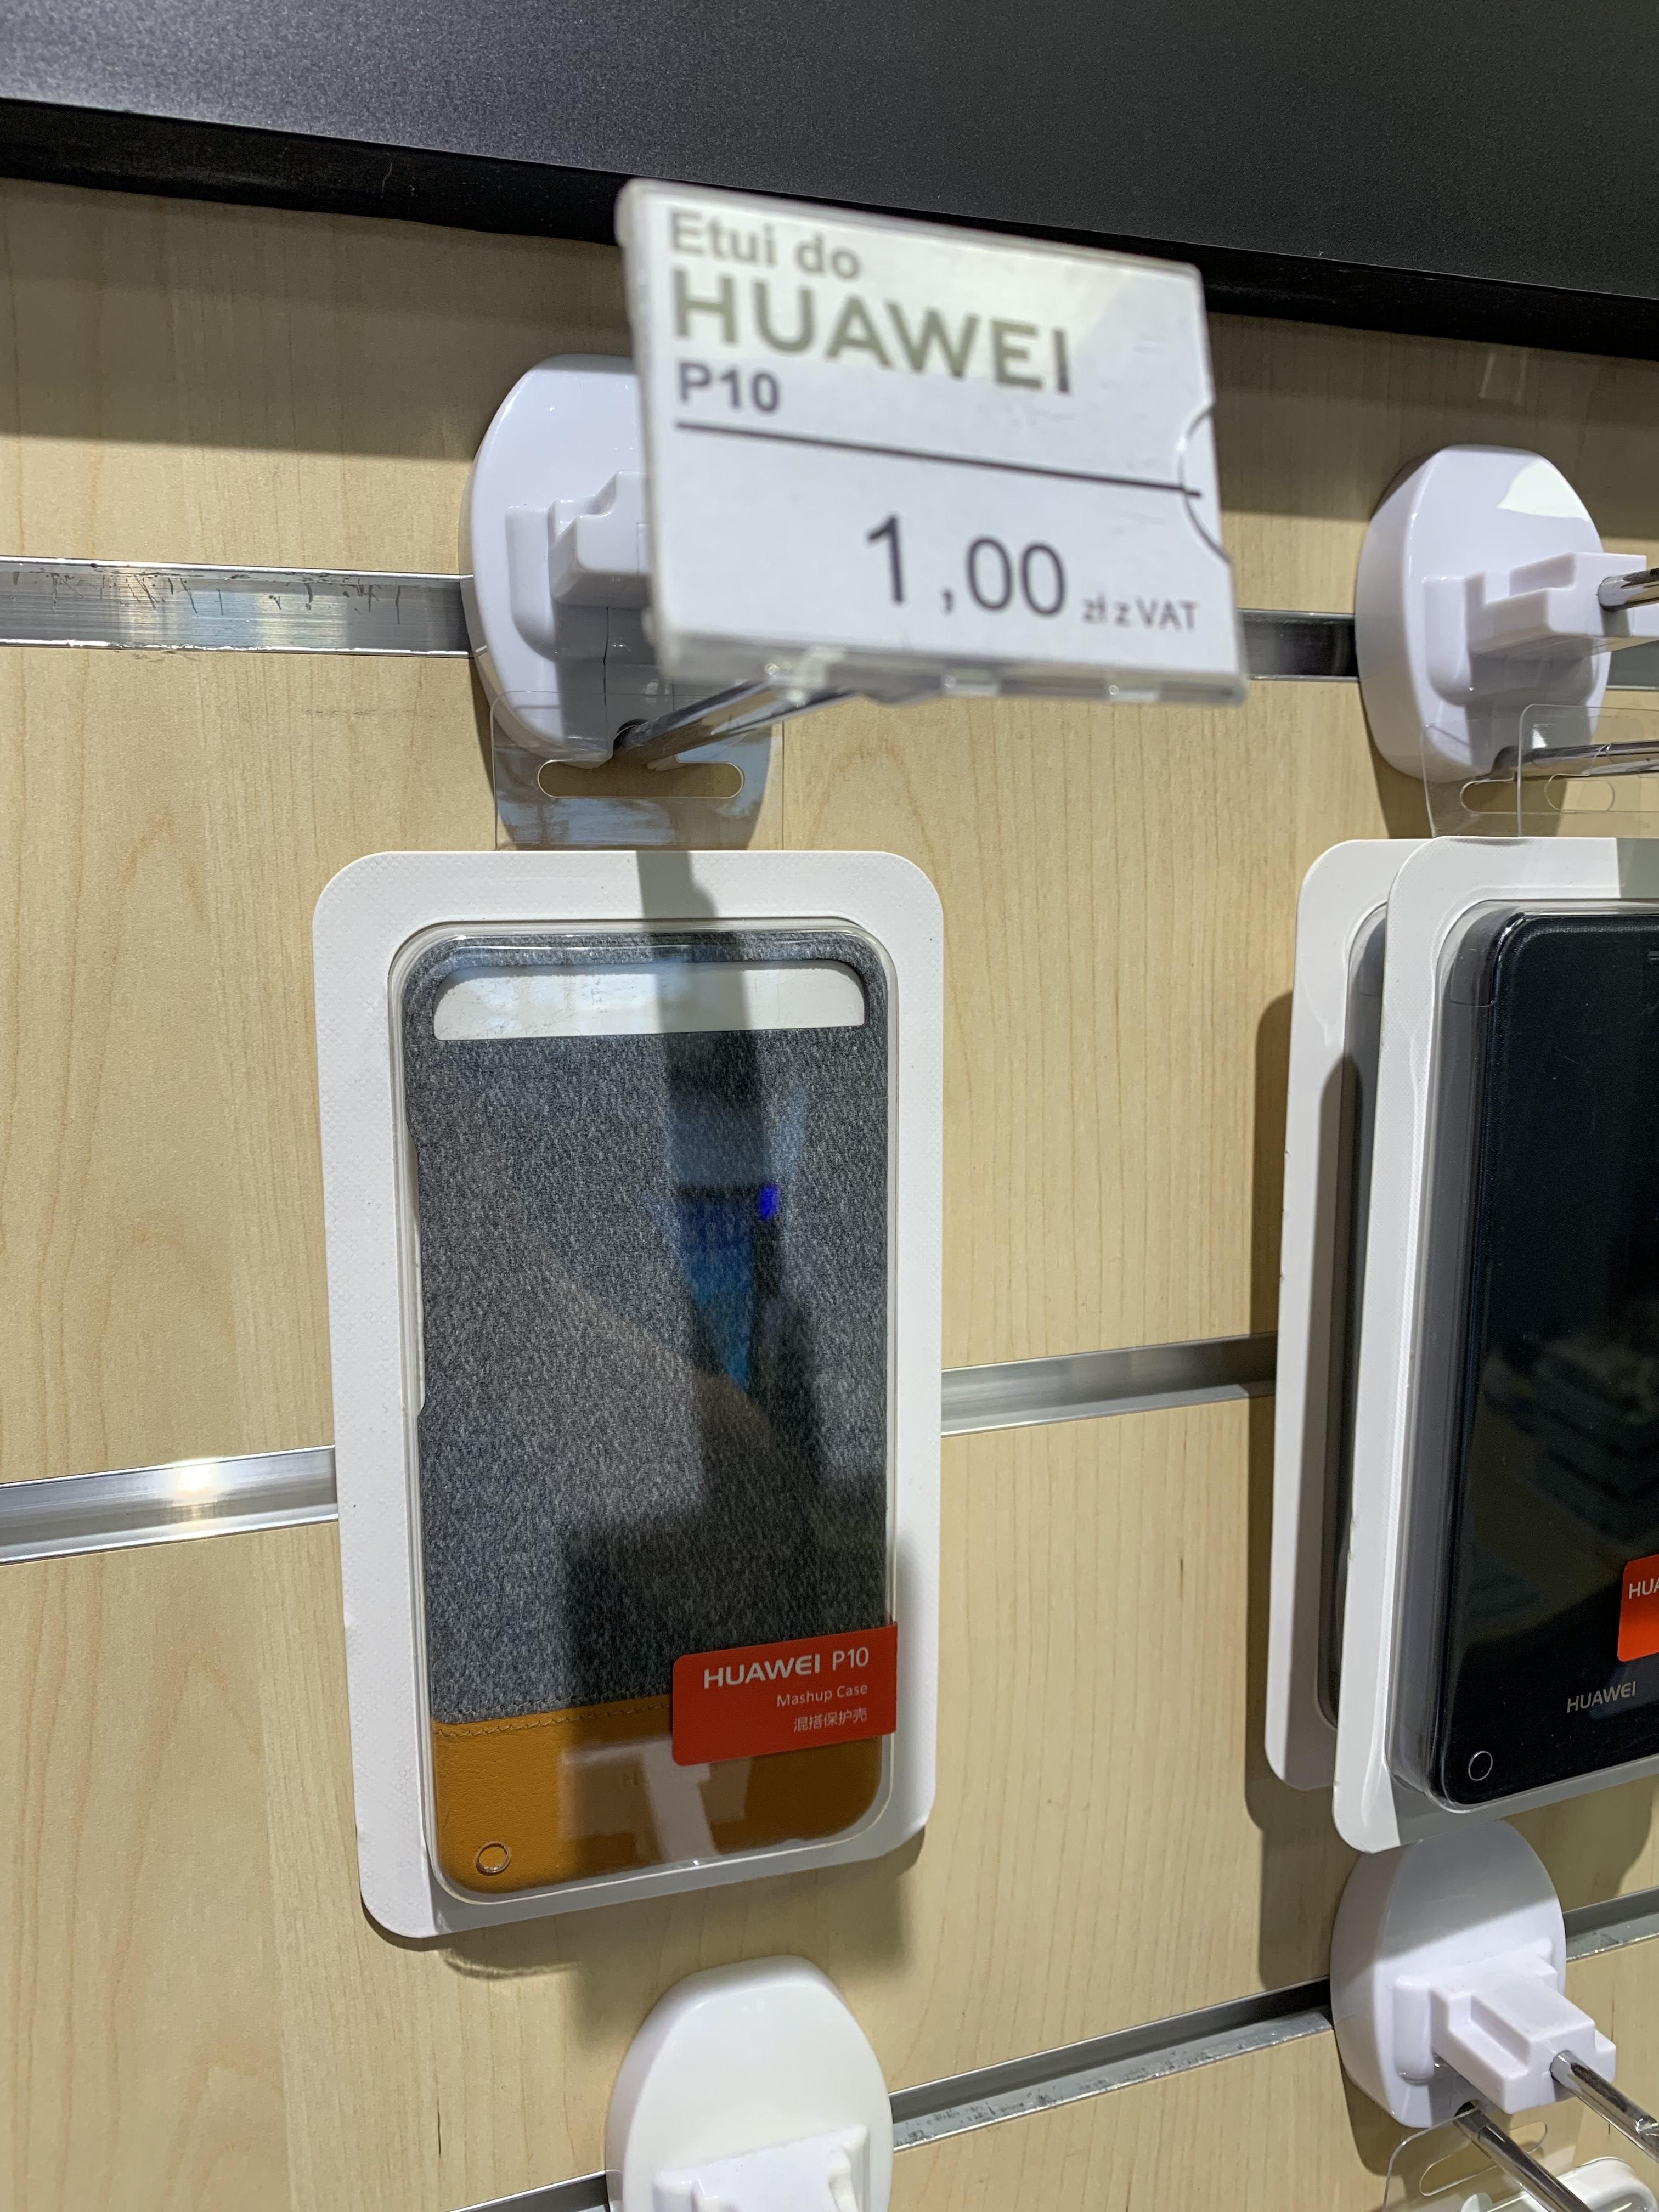 Etui Huawei P10 Mashup Protective Case za rozsądne pieniądze w Orange